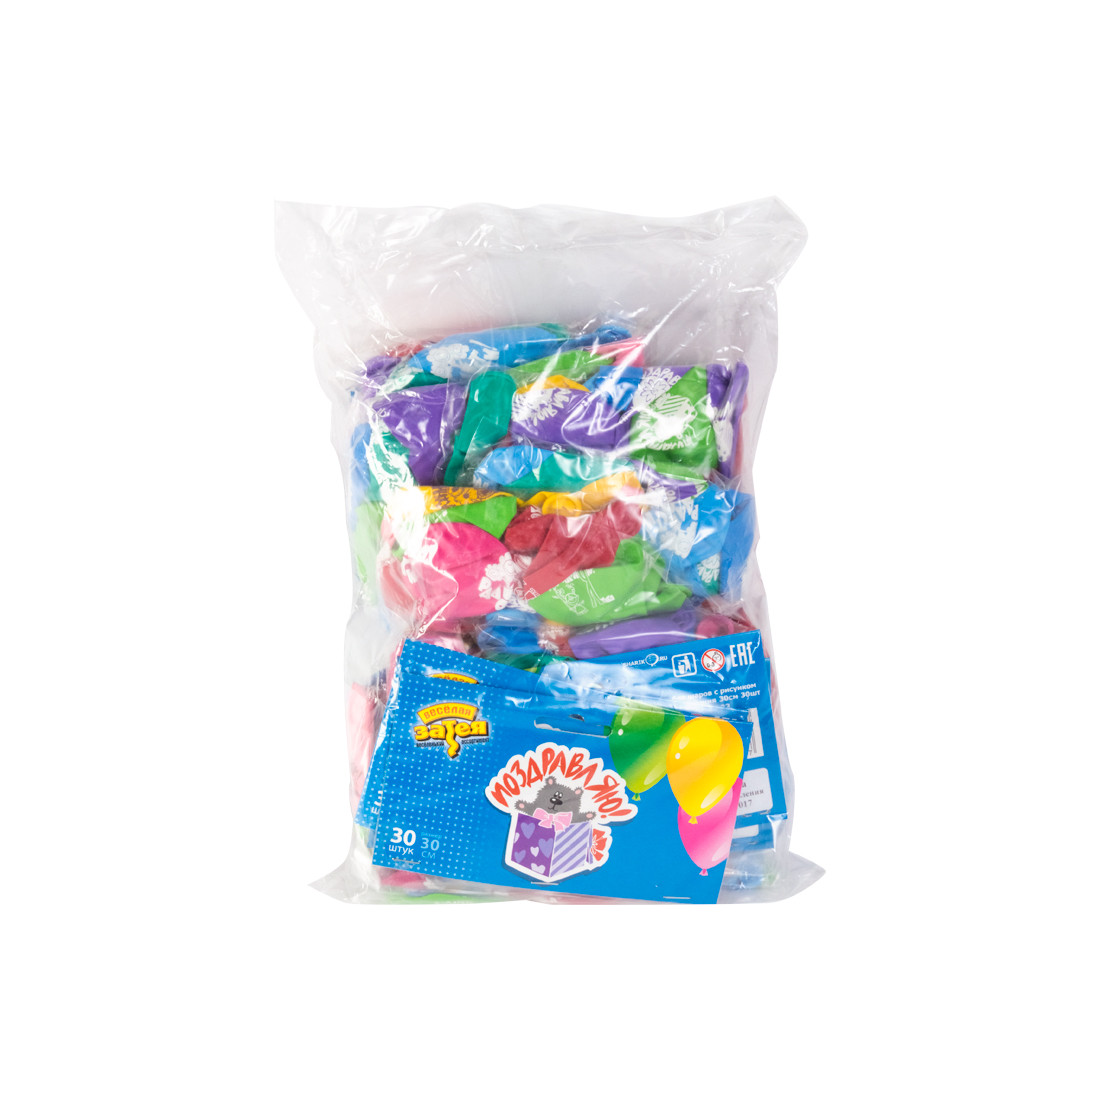 Воздушные шарики ВЕСЁЛАЯ ЗАТЕЯ, 1111-0033 (1111-0835), Поздравления, (30 шт. в пакете), размер 30см - фото 2